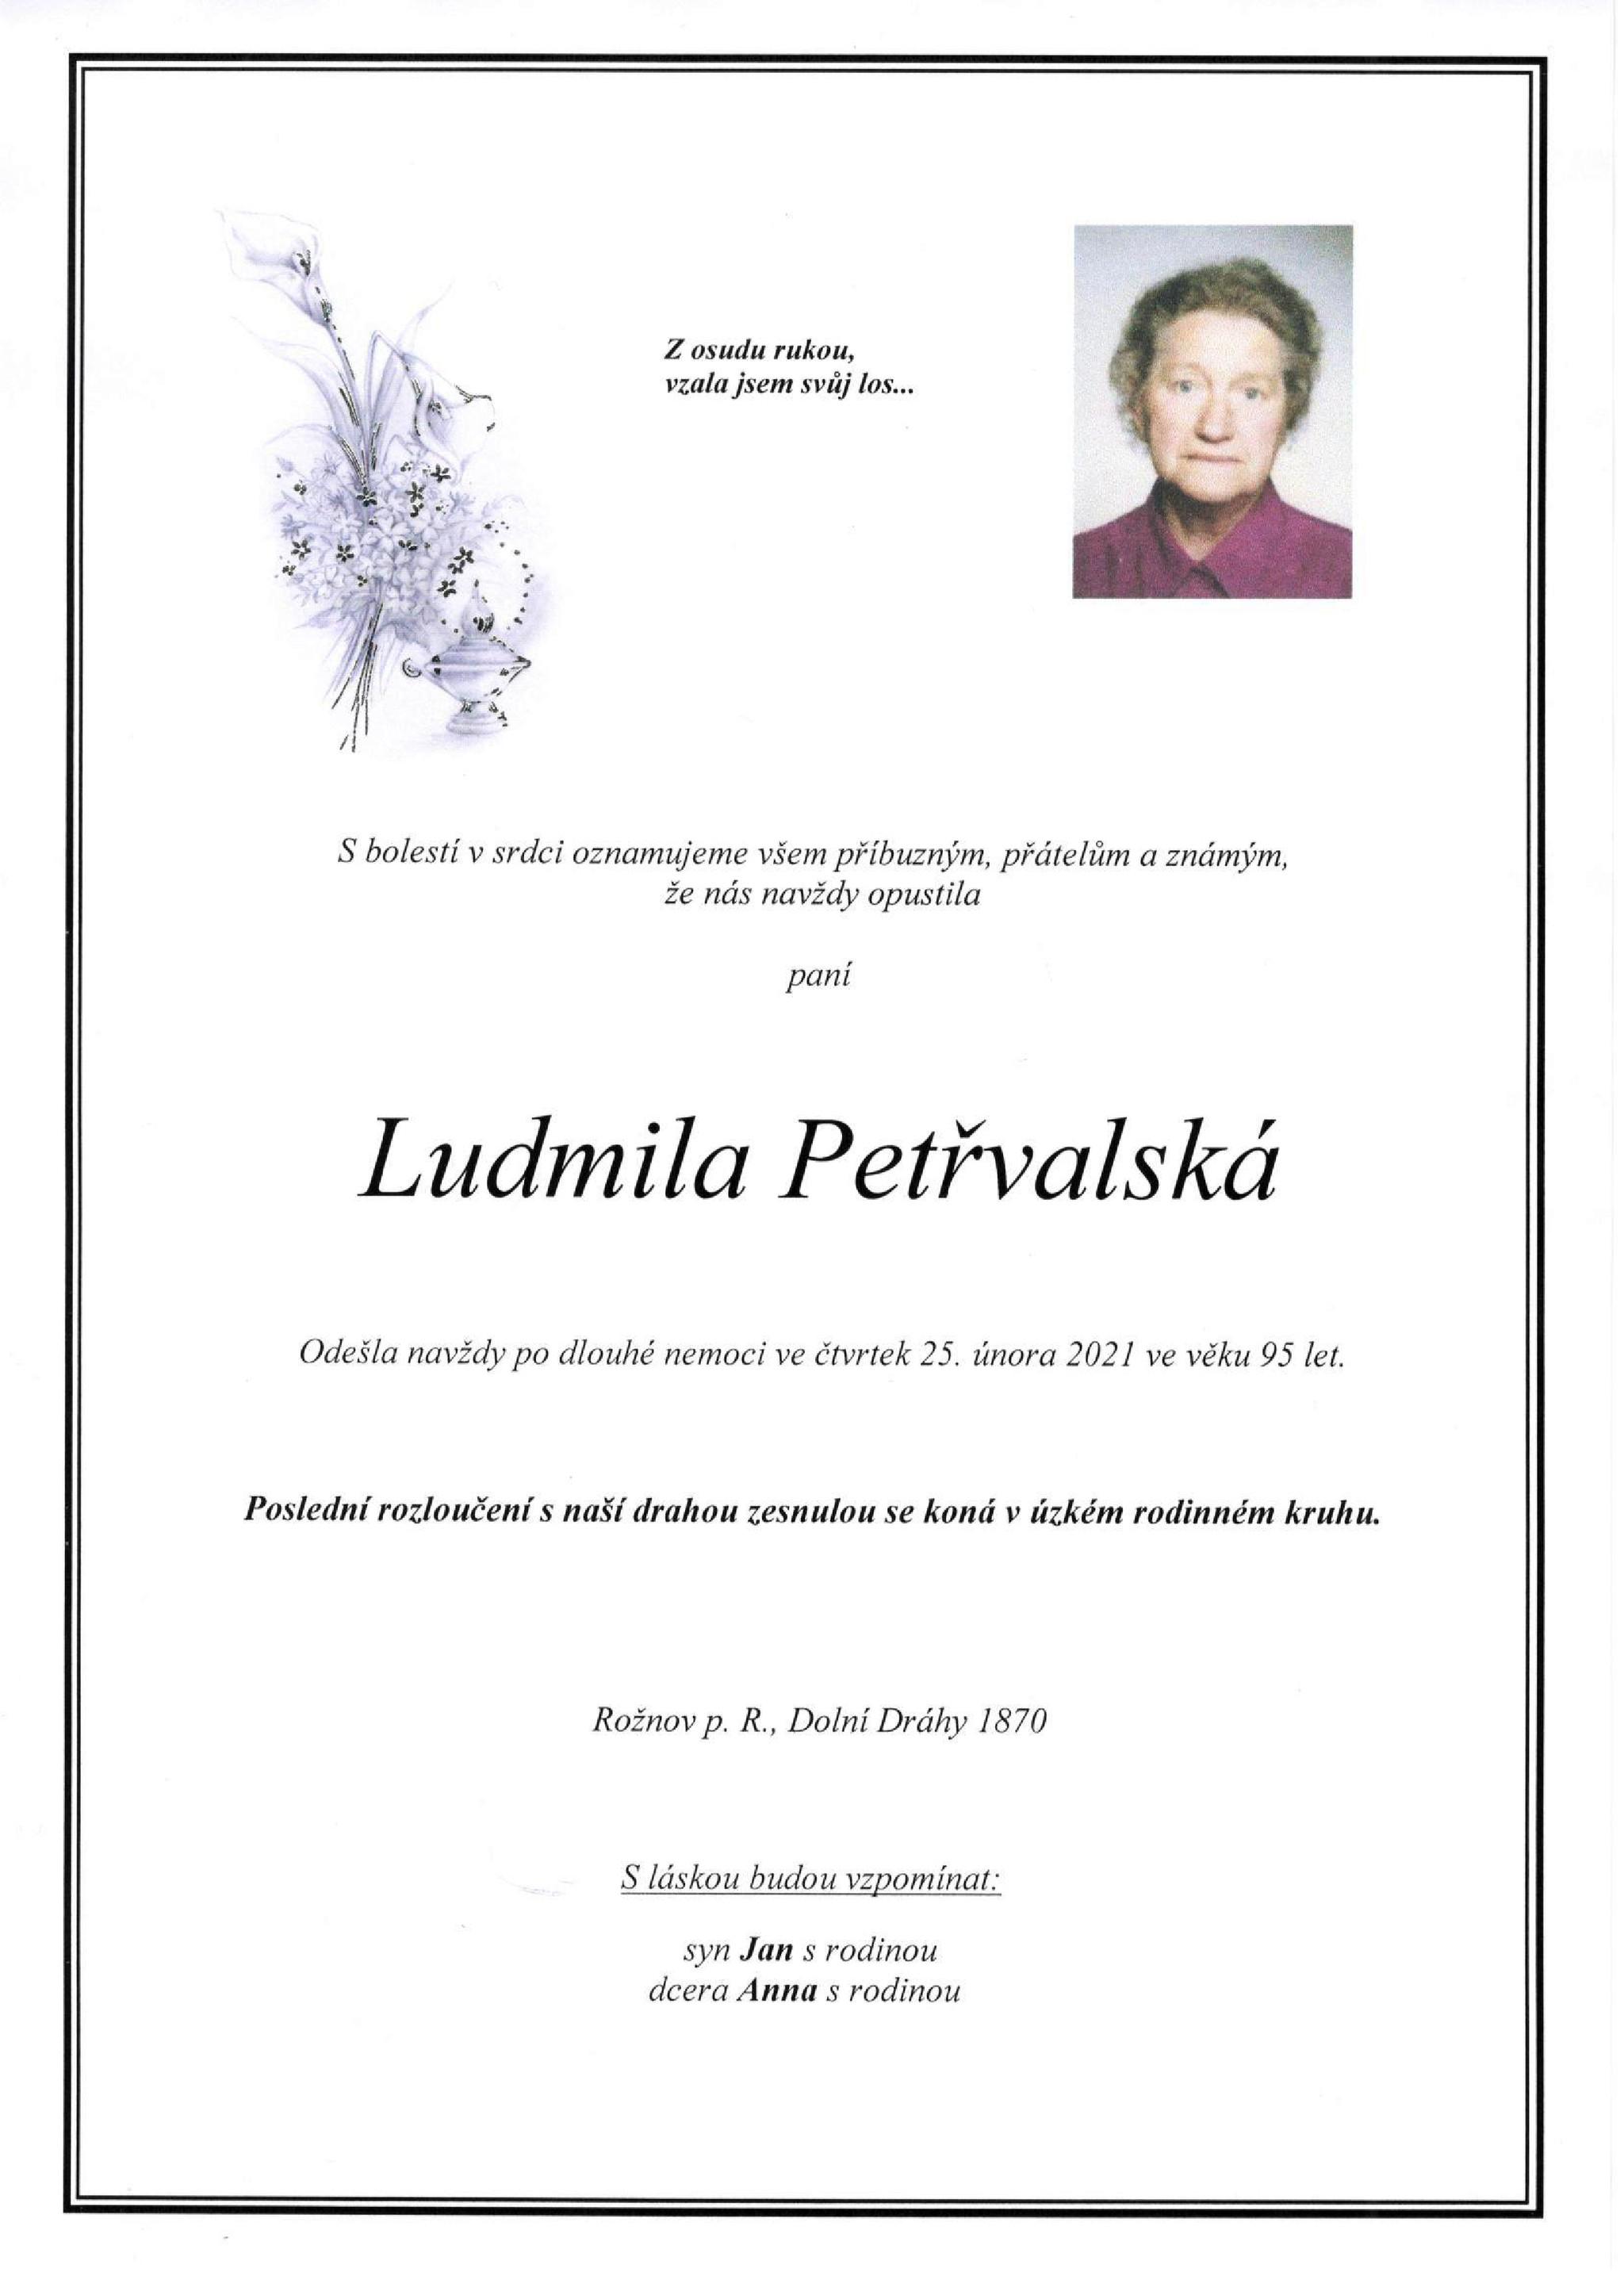 Ludmila Petřvaldská